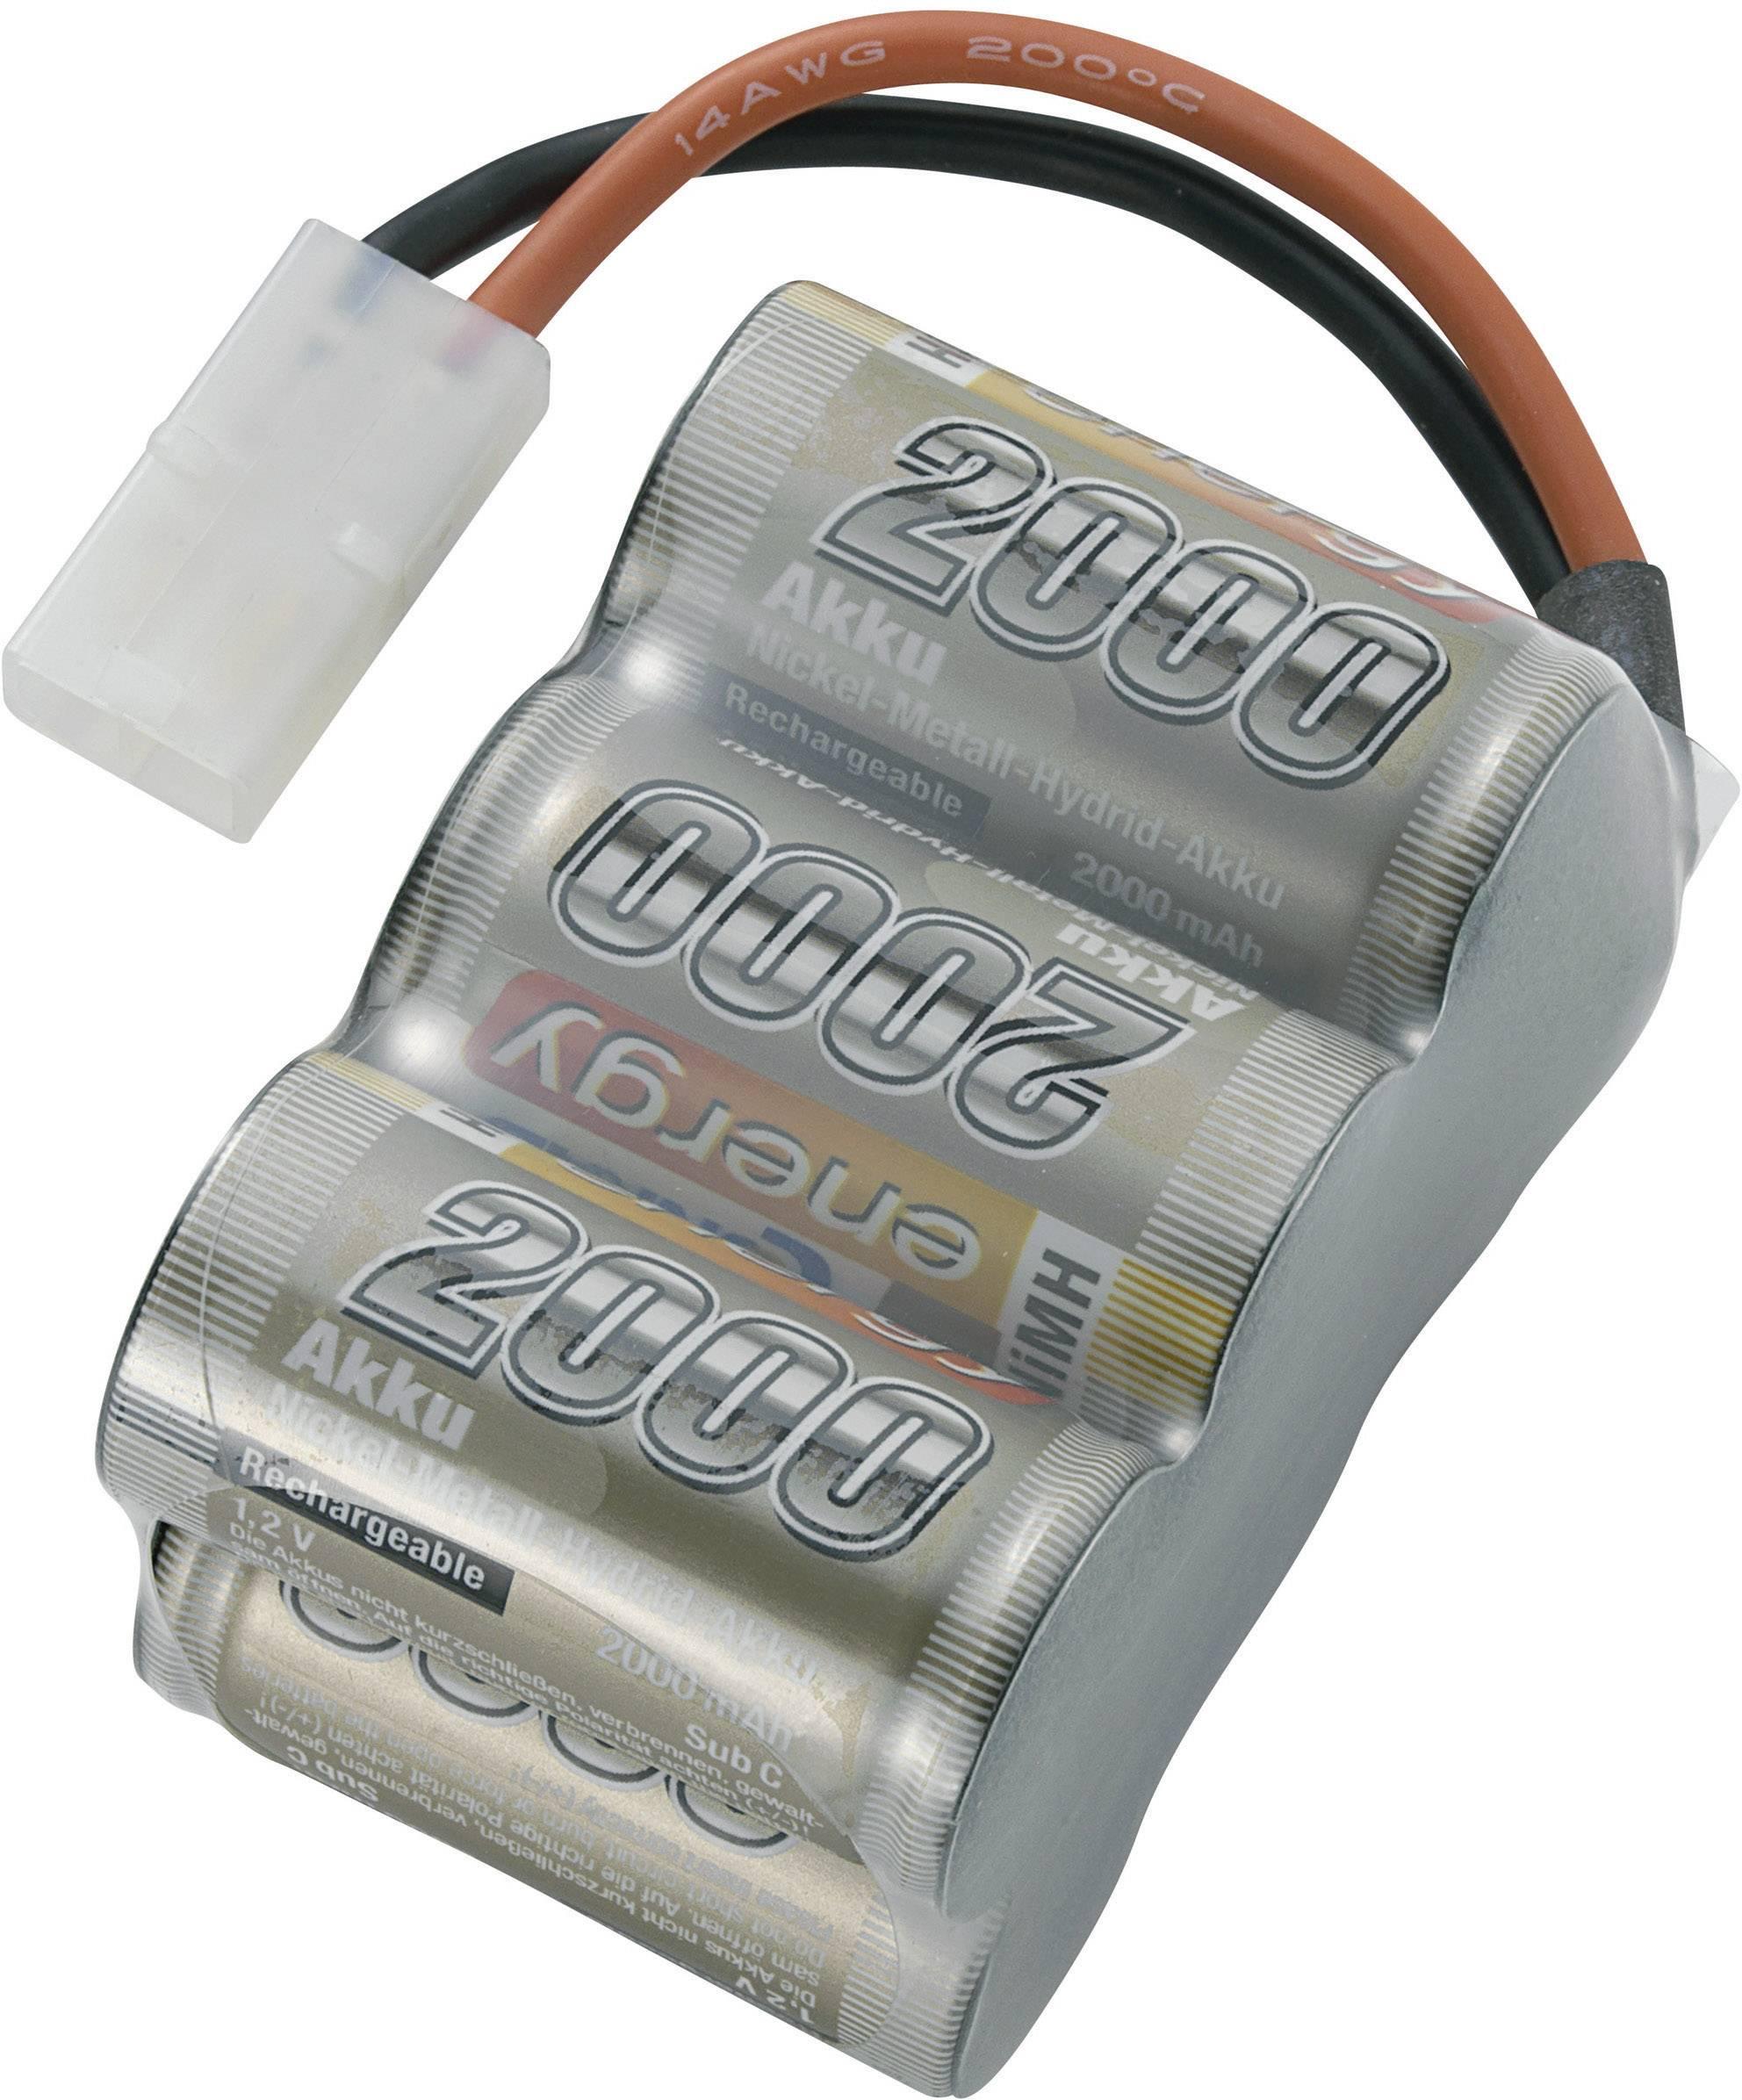 Akupack NiMH Conrad energy 207765, 7.2 V, 2000 mAh